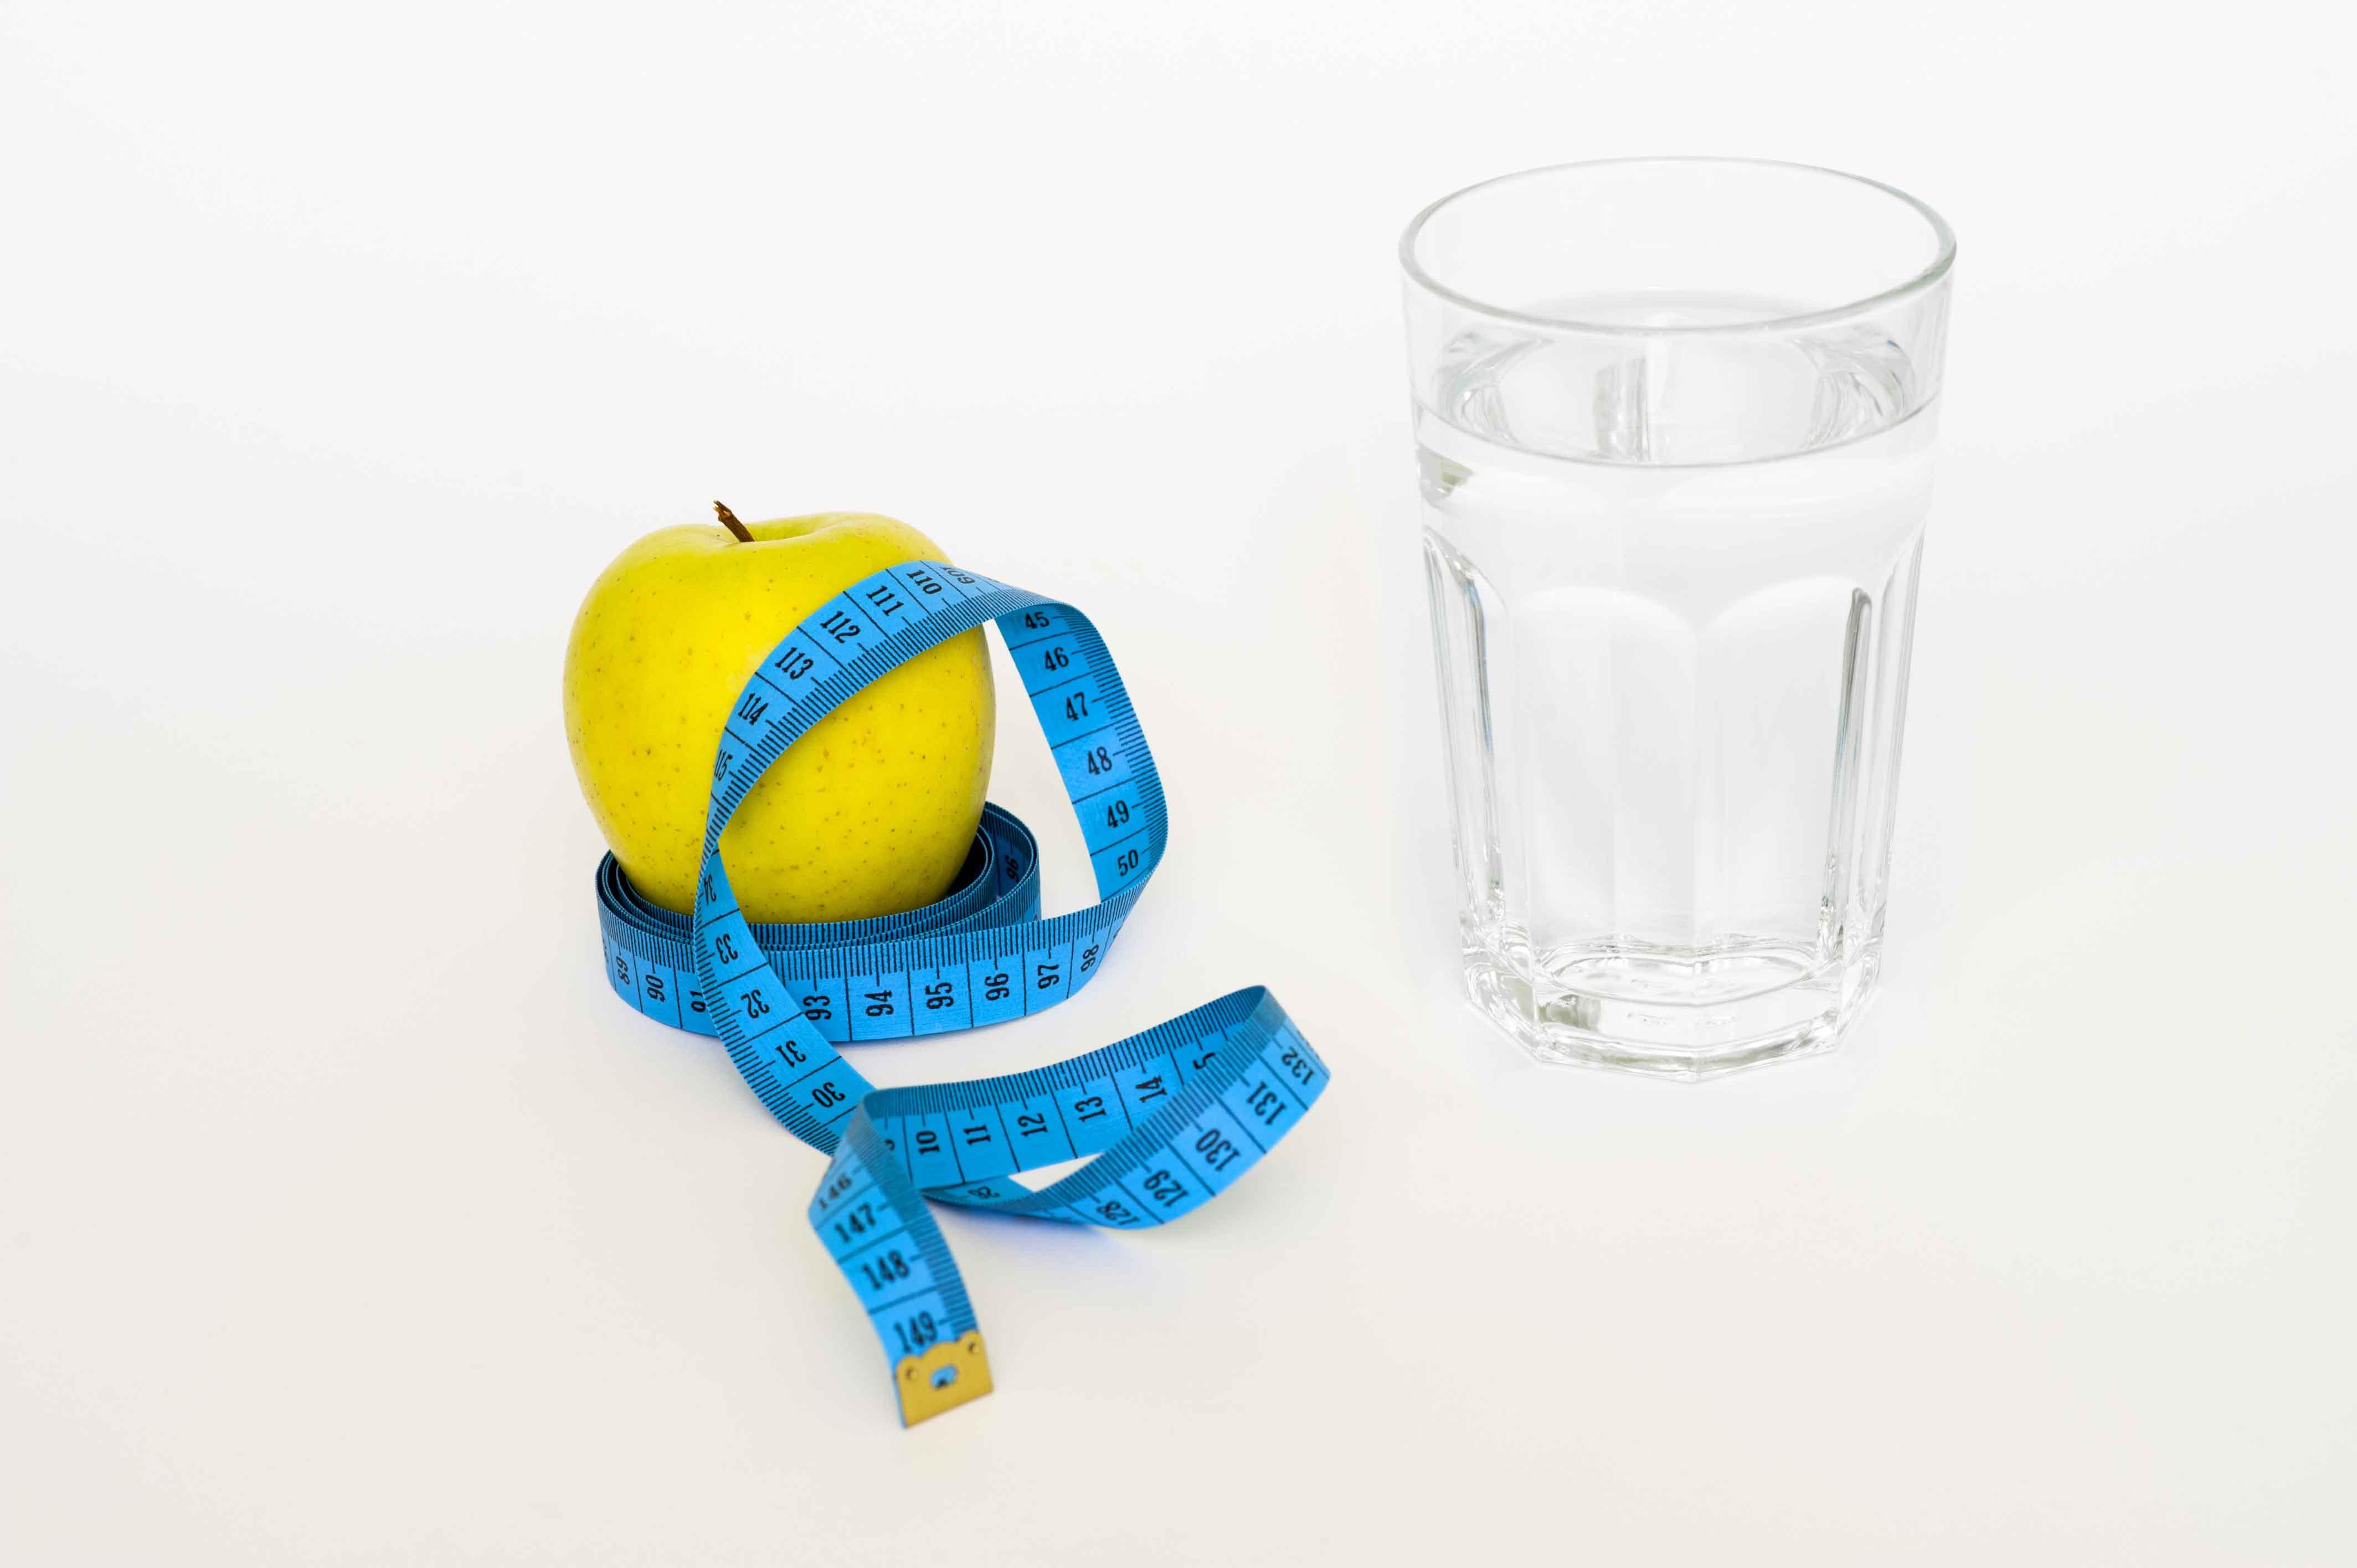 Manzana con cinta métrica alrededor y vaso de agua al lado